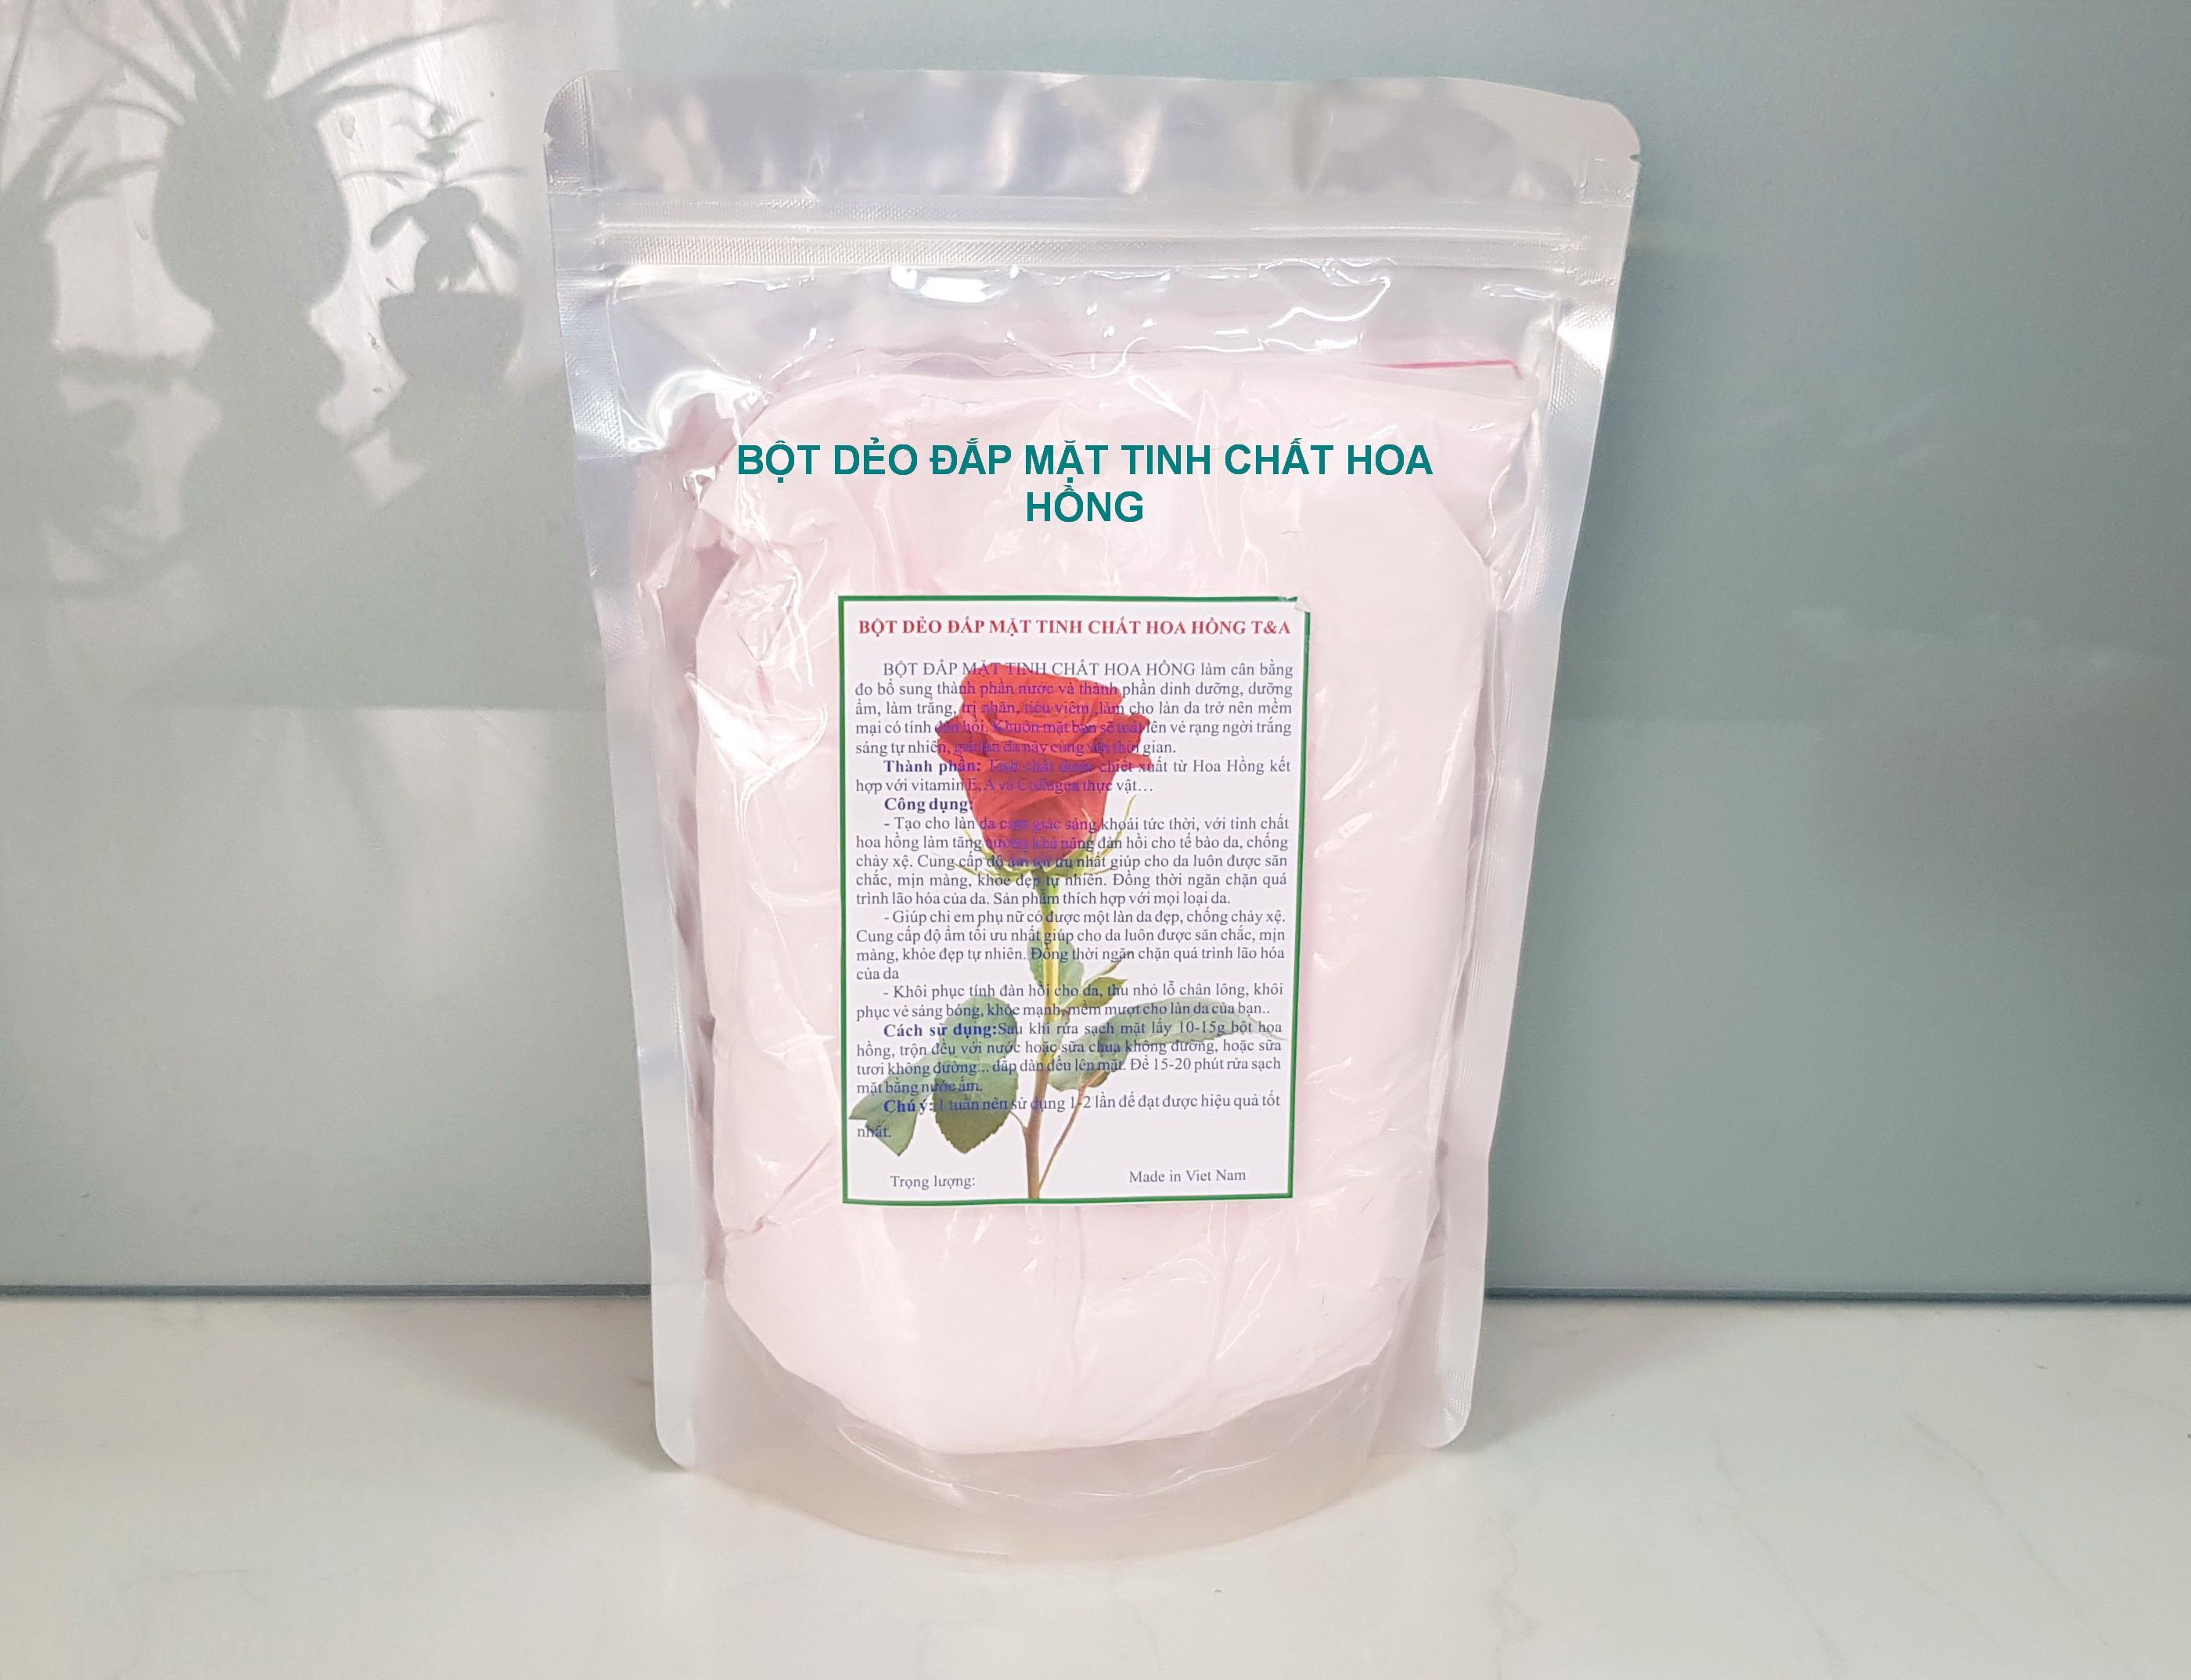 Bột dẻo đắp mặt tinh chất Hoa Hồng, bột dẻo hoa hồng, mặt nạ bột dẻo hoa hồng, bột đắp mặt dẻo